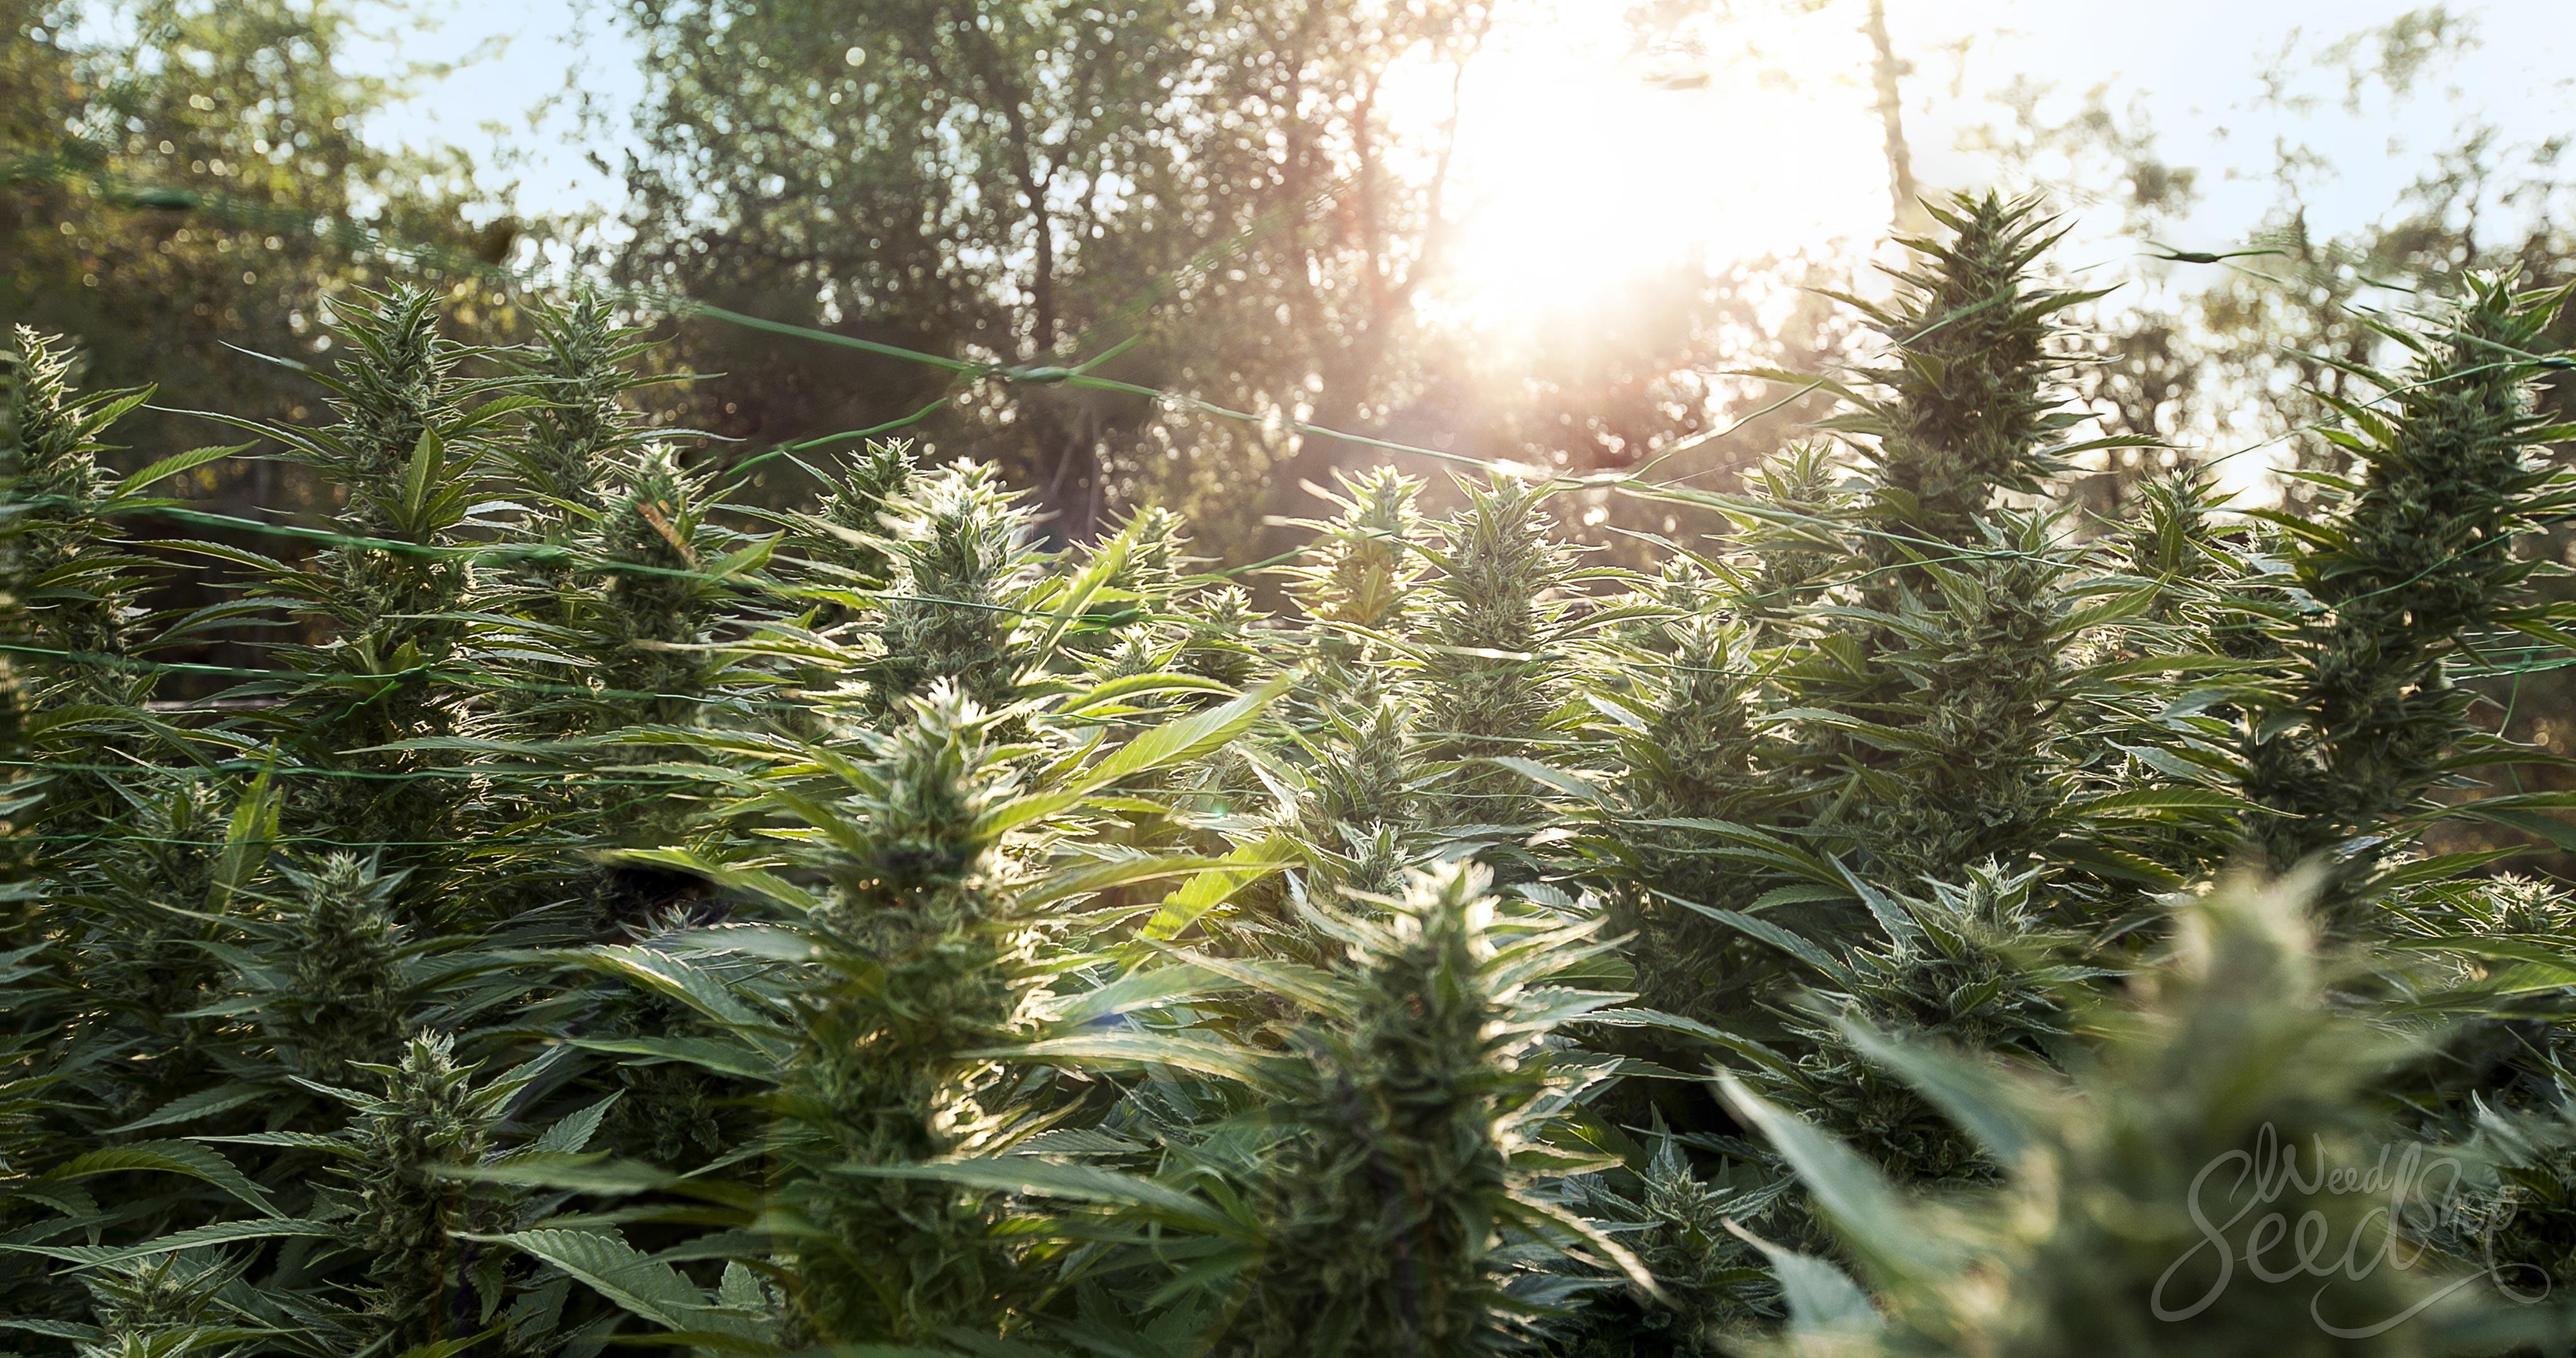 Comment faire pousser du cannabis bio – Un guide essential pour un jardin cannabique naturel